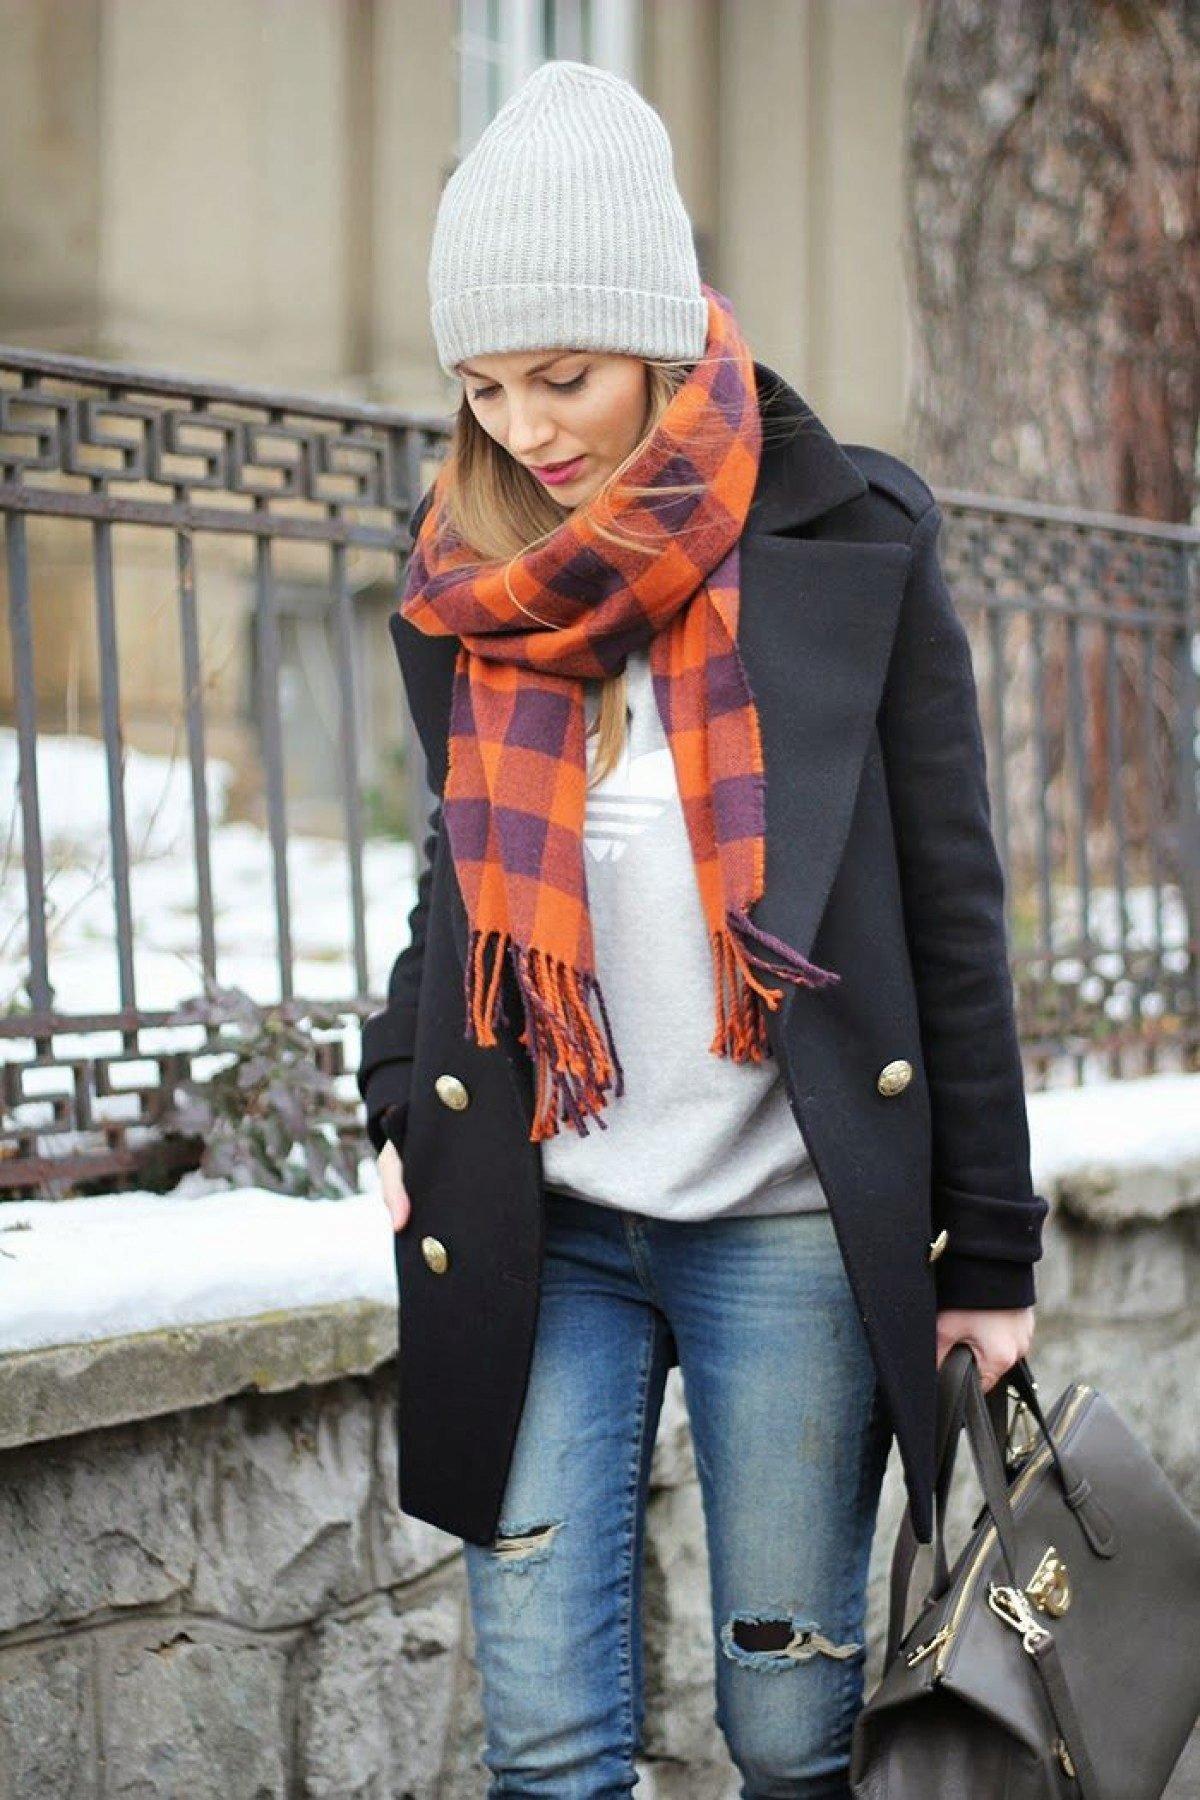 клумбе высаживают шарфы зимние под пальто фото работает